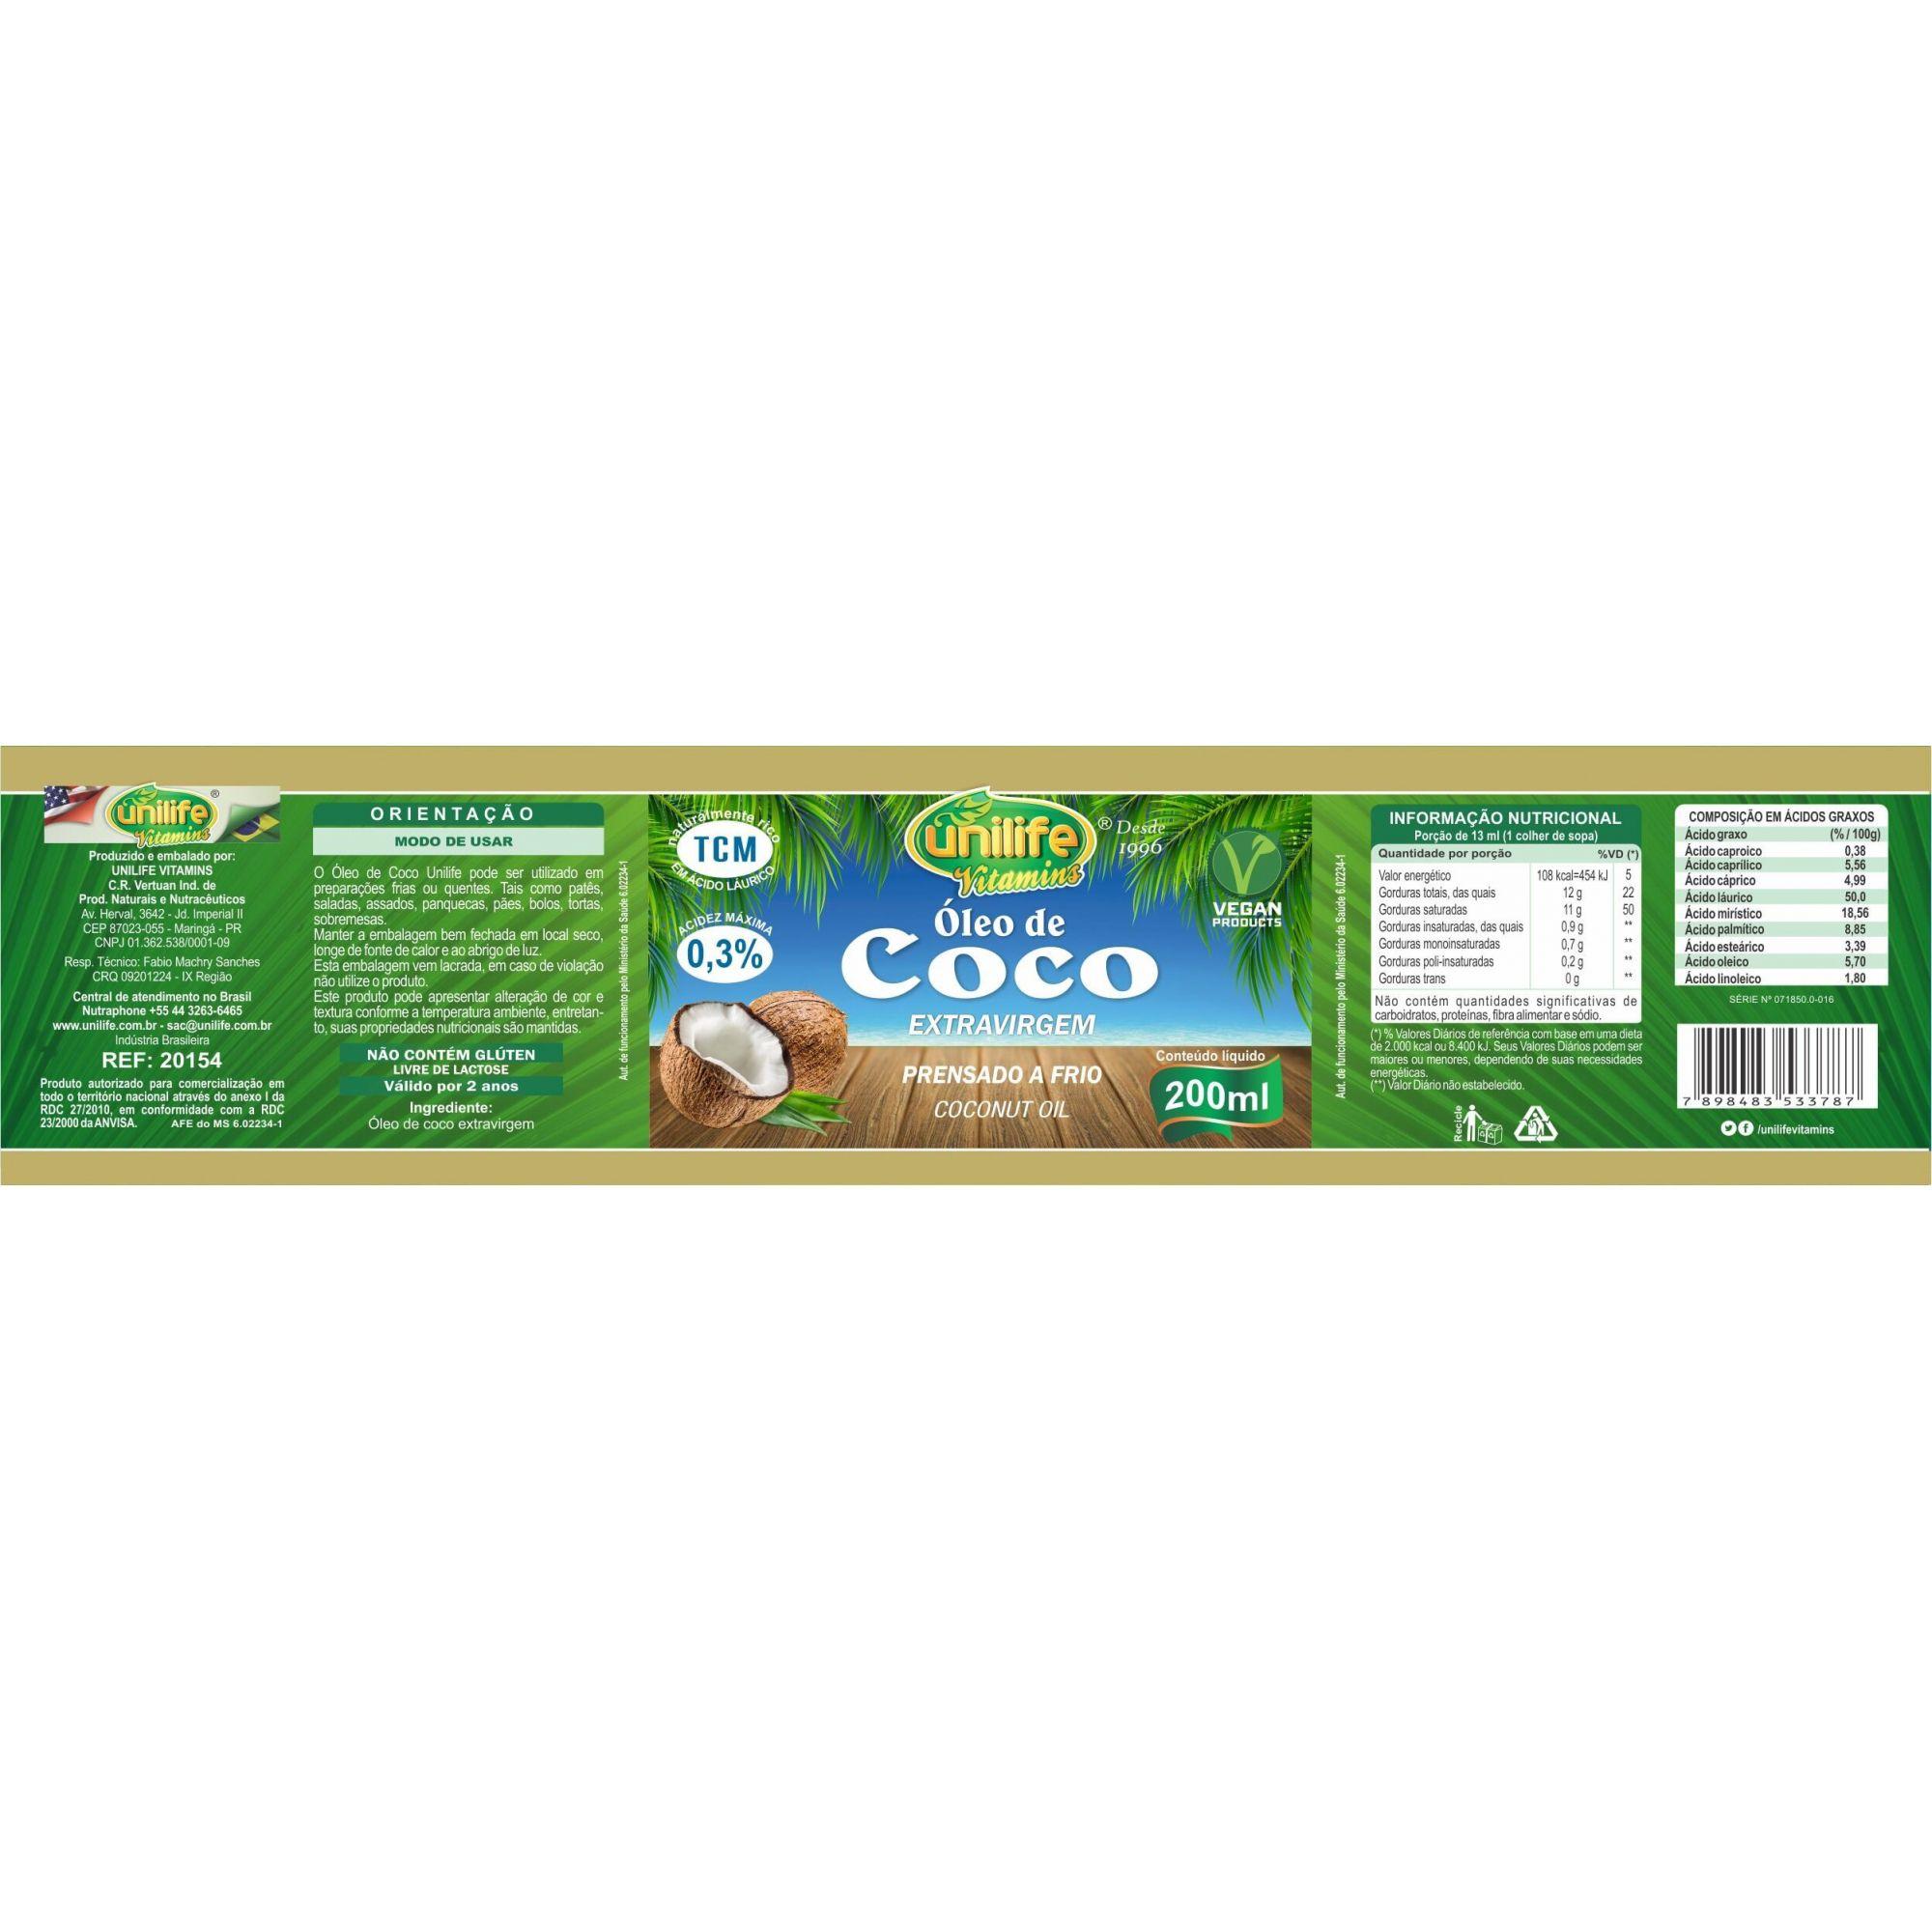 Óleo de Coco Extra Virgem Prensado a Frio Puro 200ml 100% Natural - Unilife